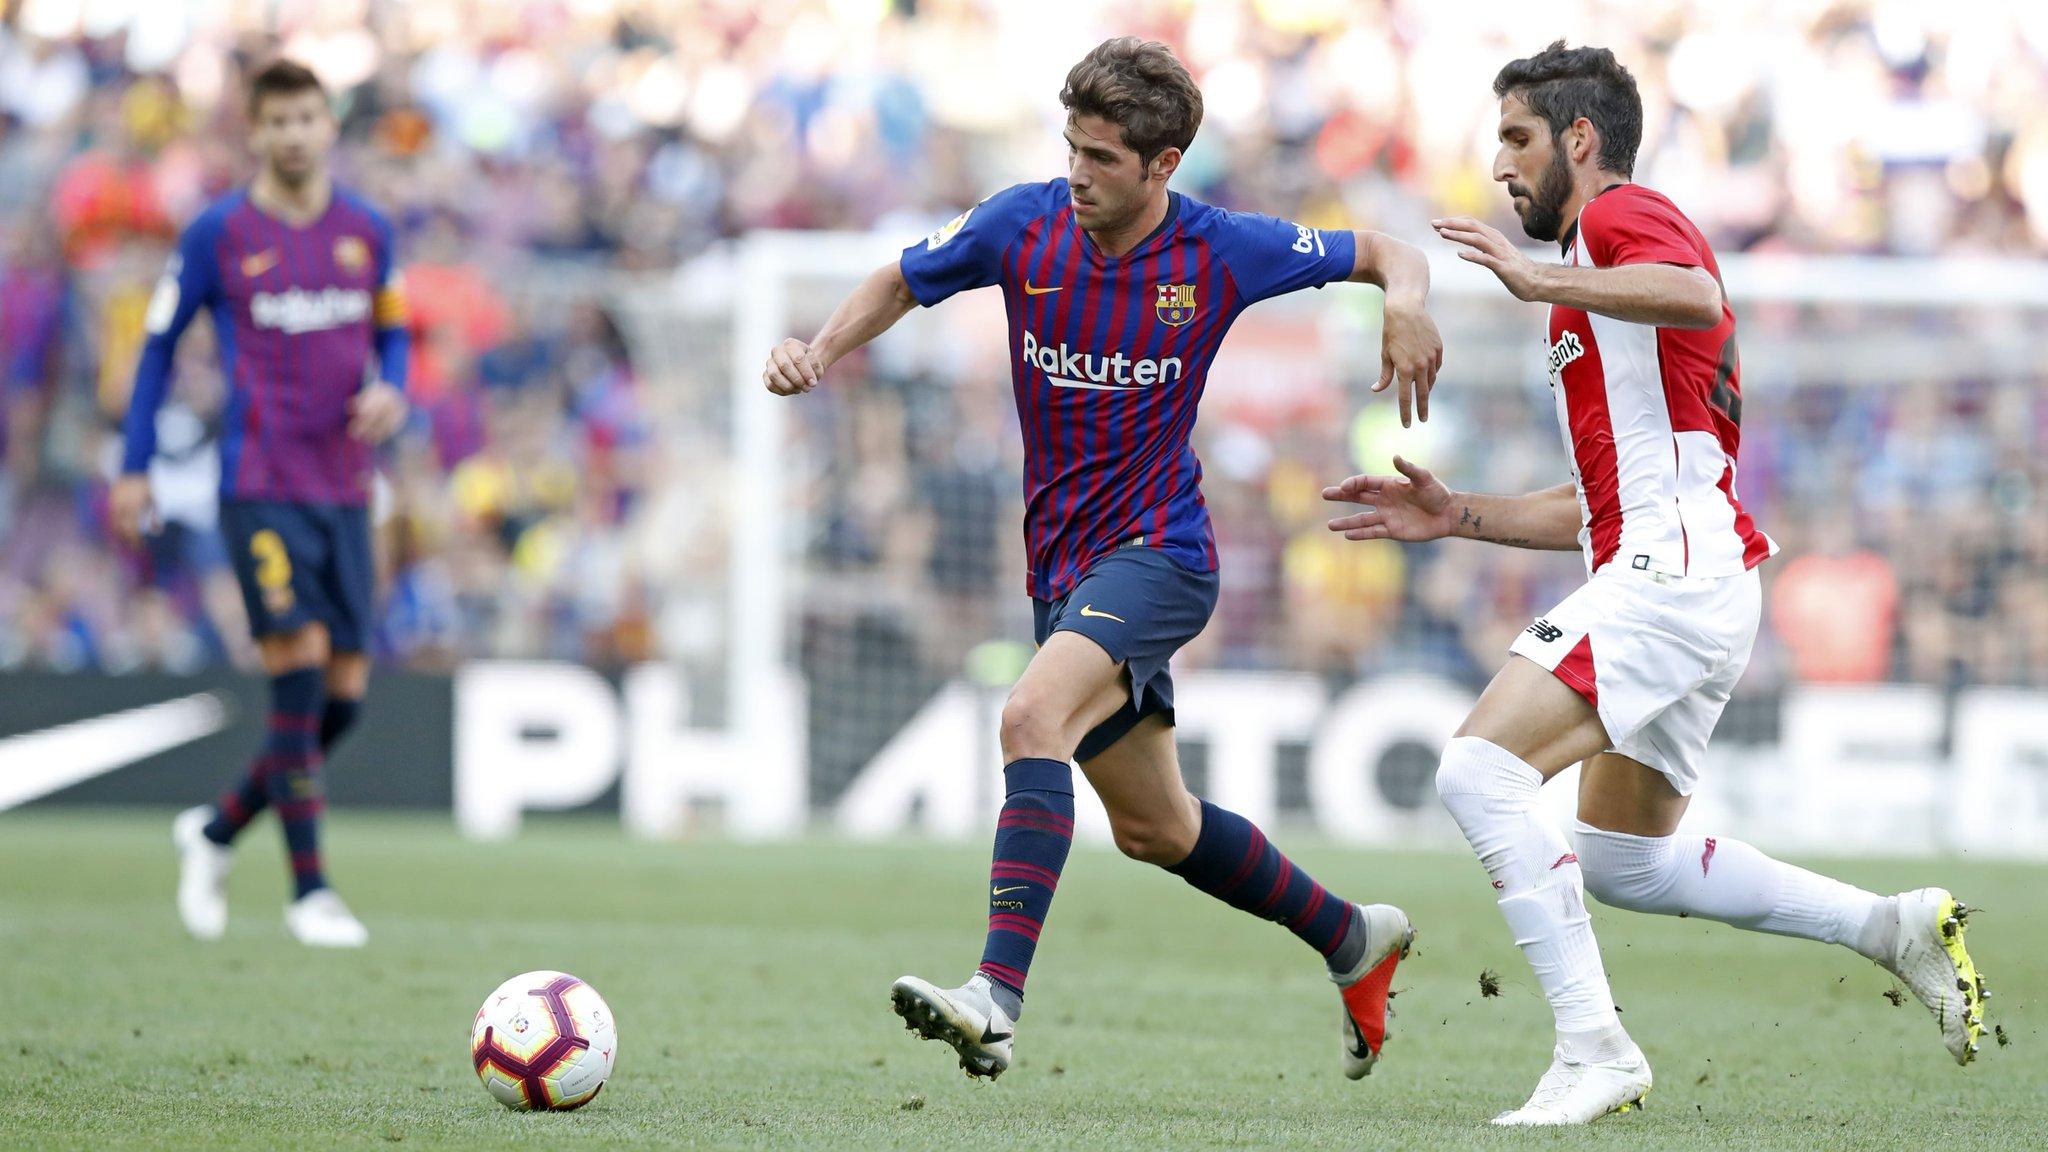 اتليتك بيلباو يضاعف معاناة برشلونة بتعادل بالكامب نو في الدوري الإسباني